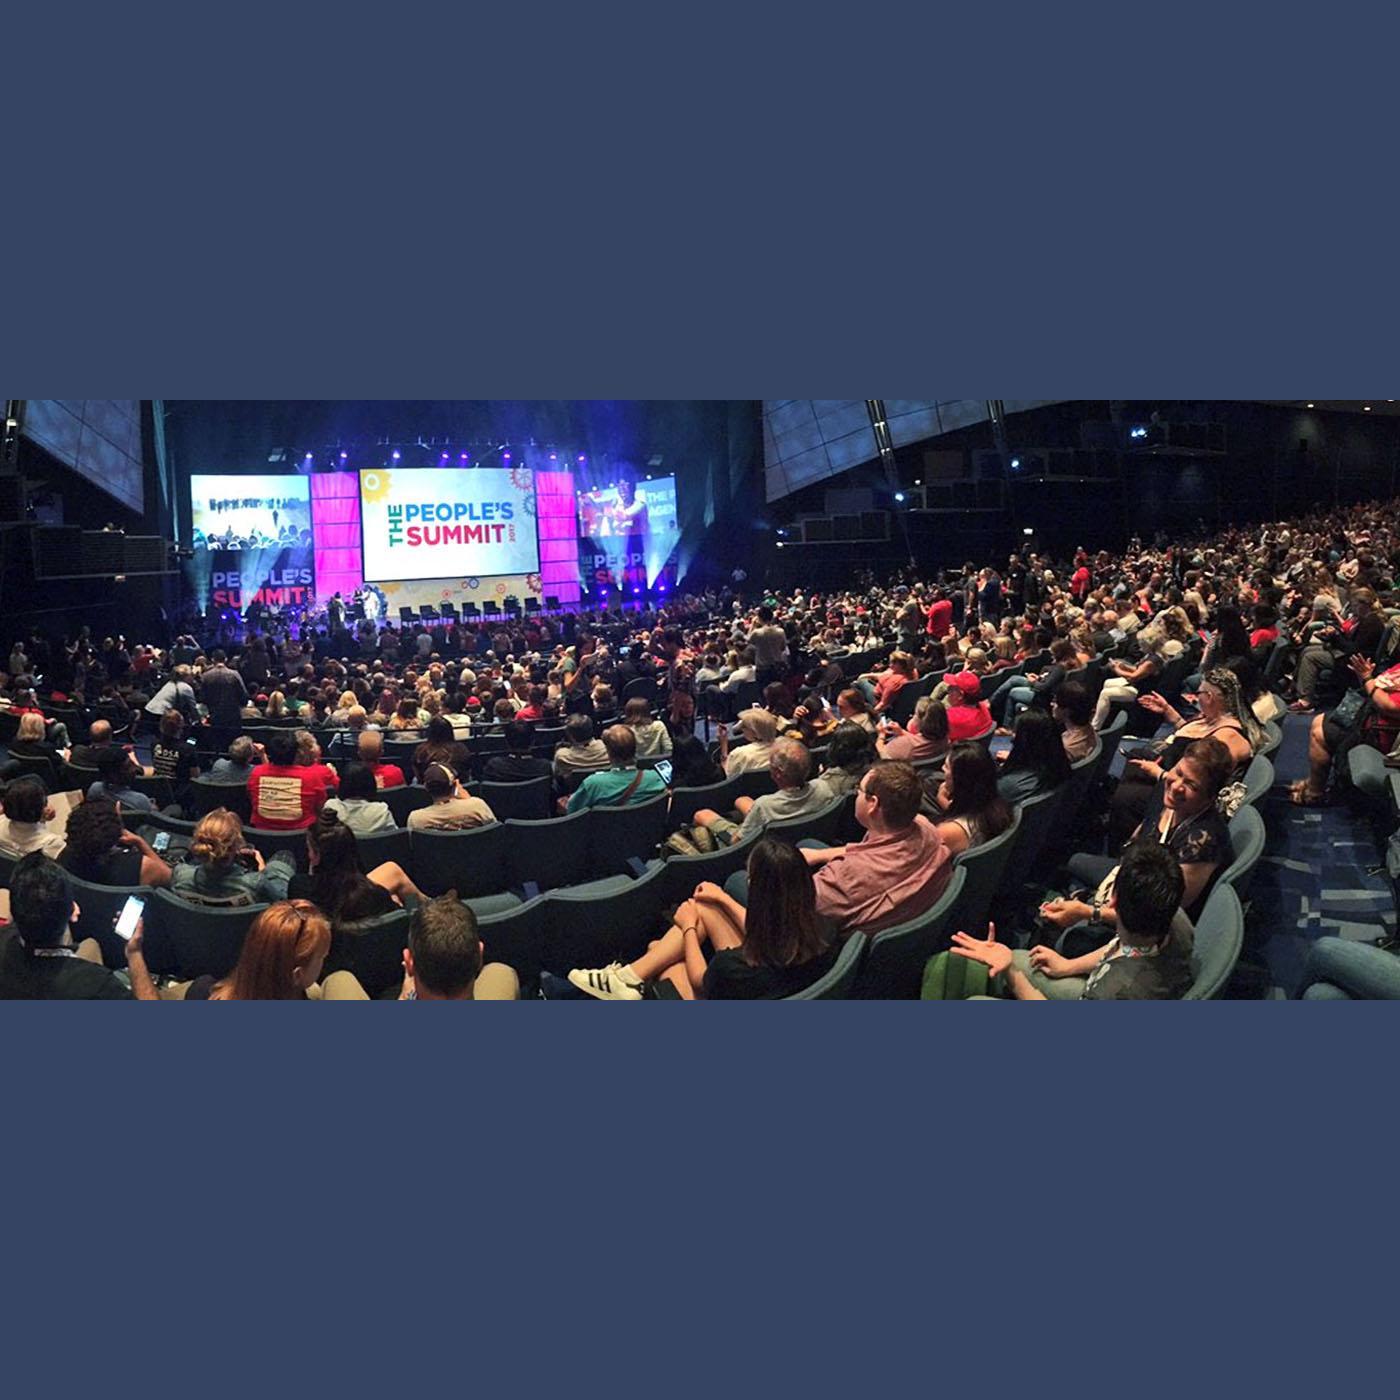 The People's Summit - Photo via National Nurses United